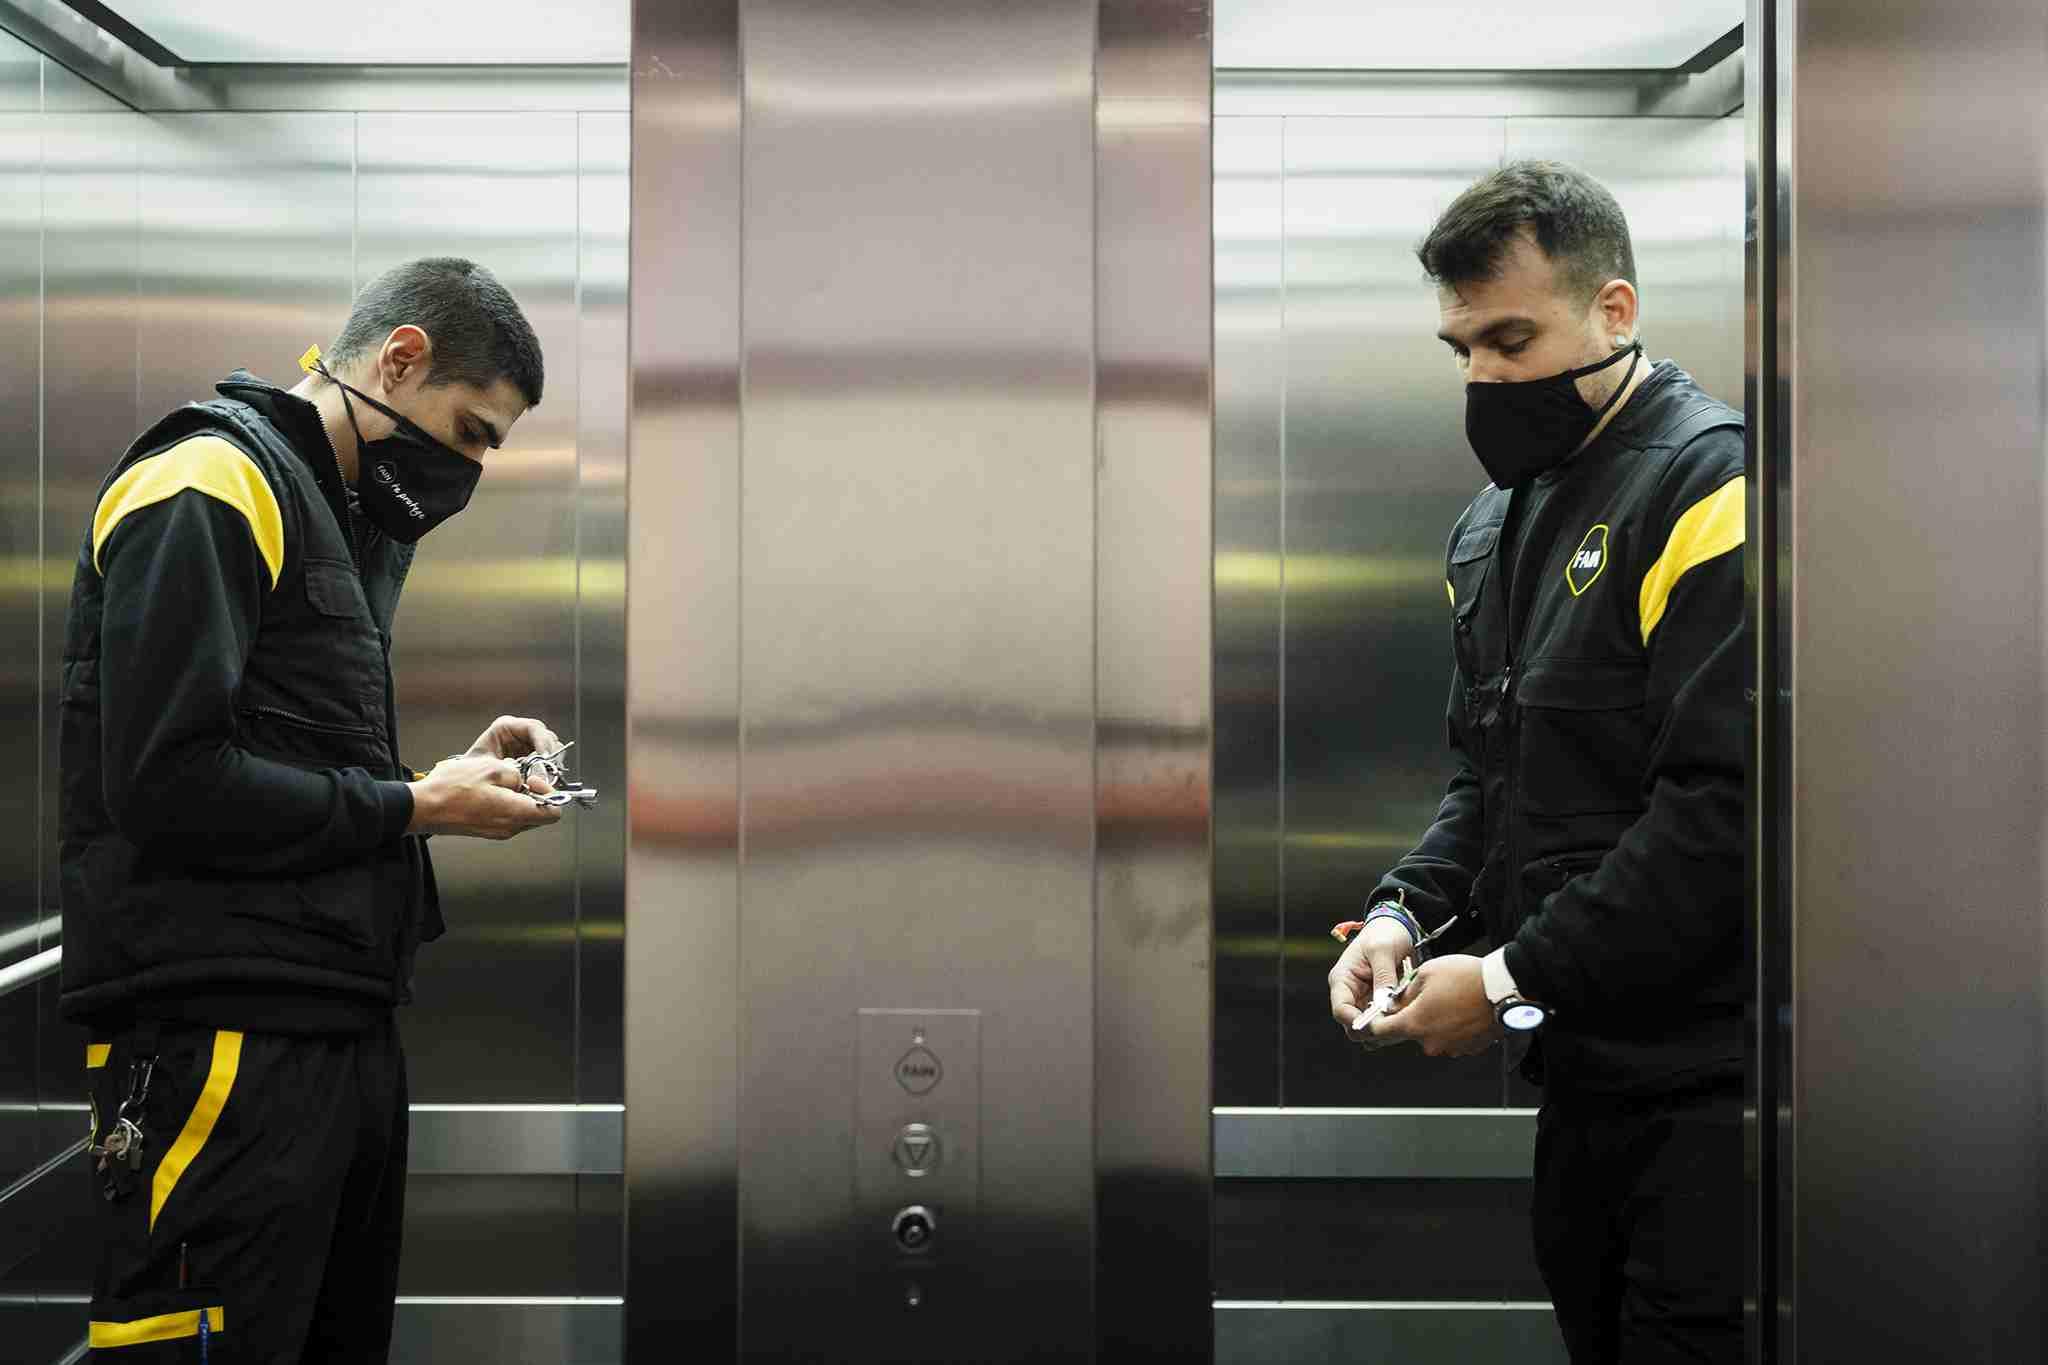 Todo lo que debes saber sobre la nueva ITC para ascensores